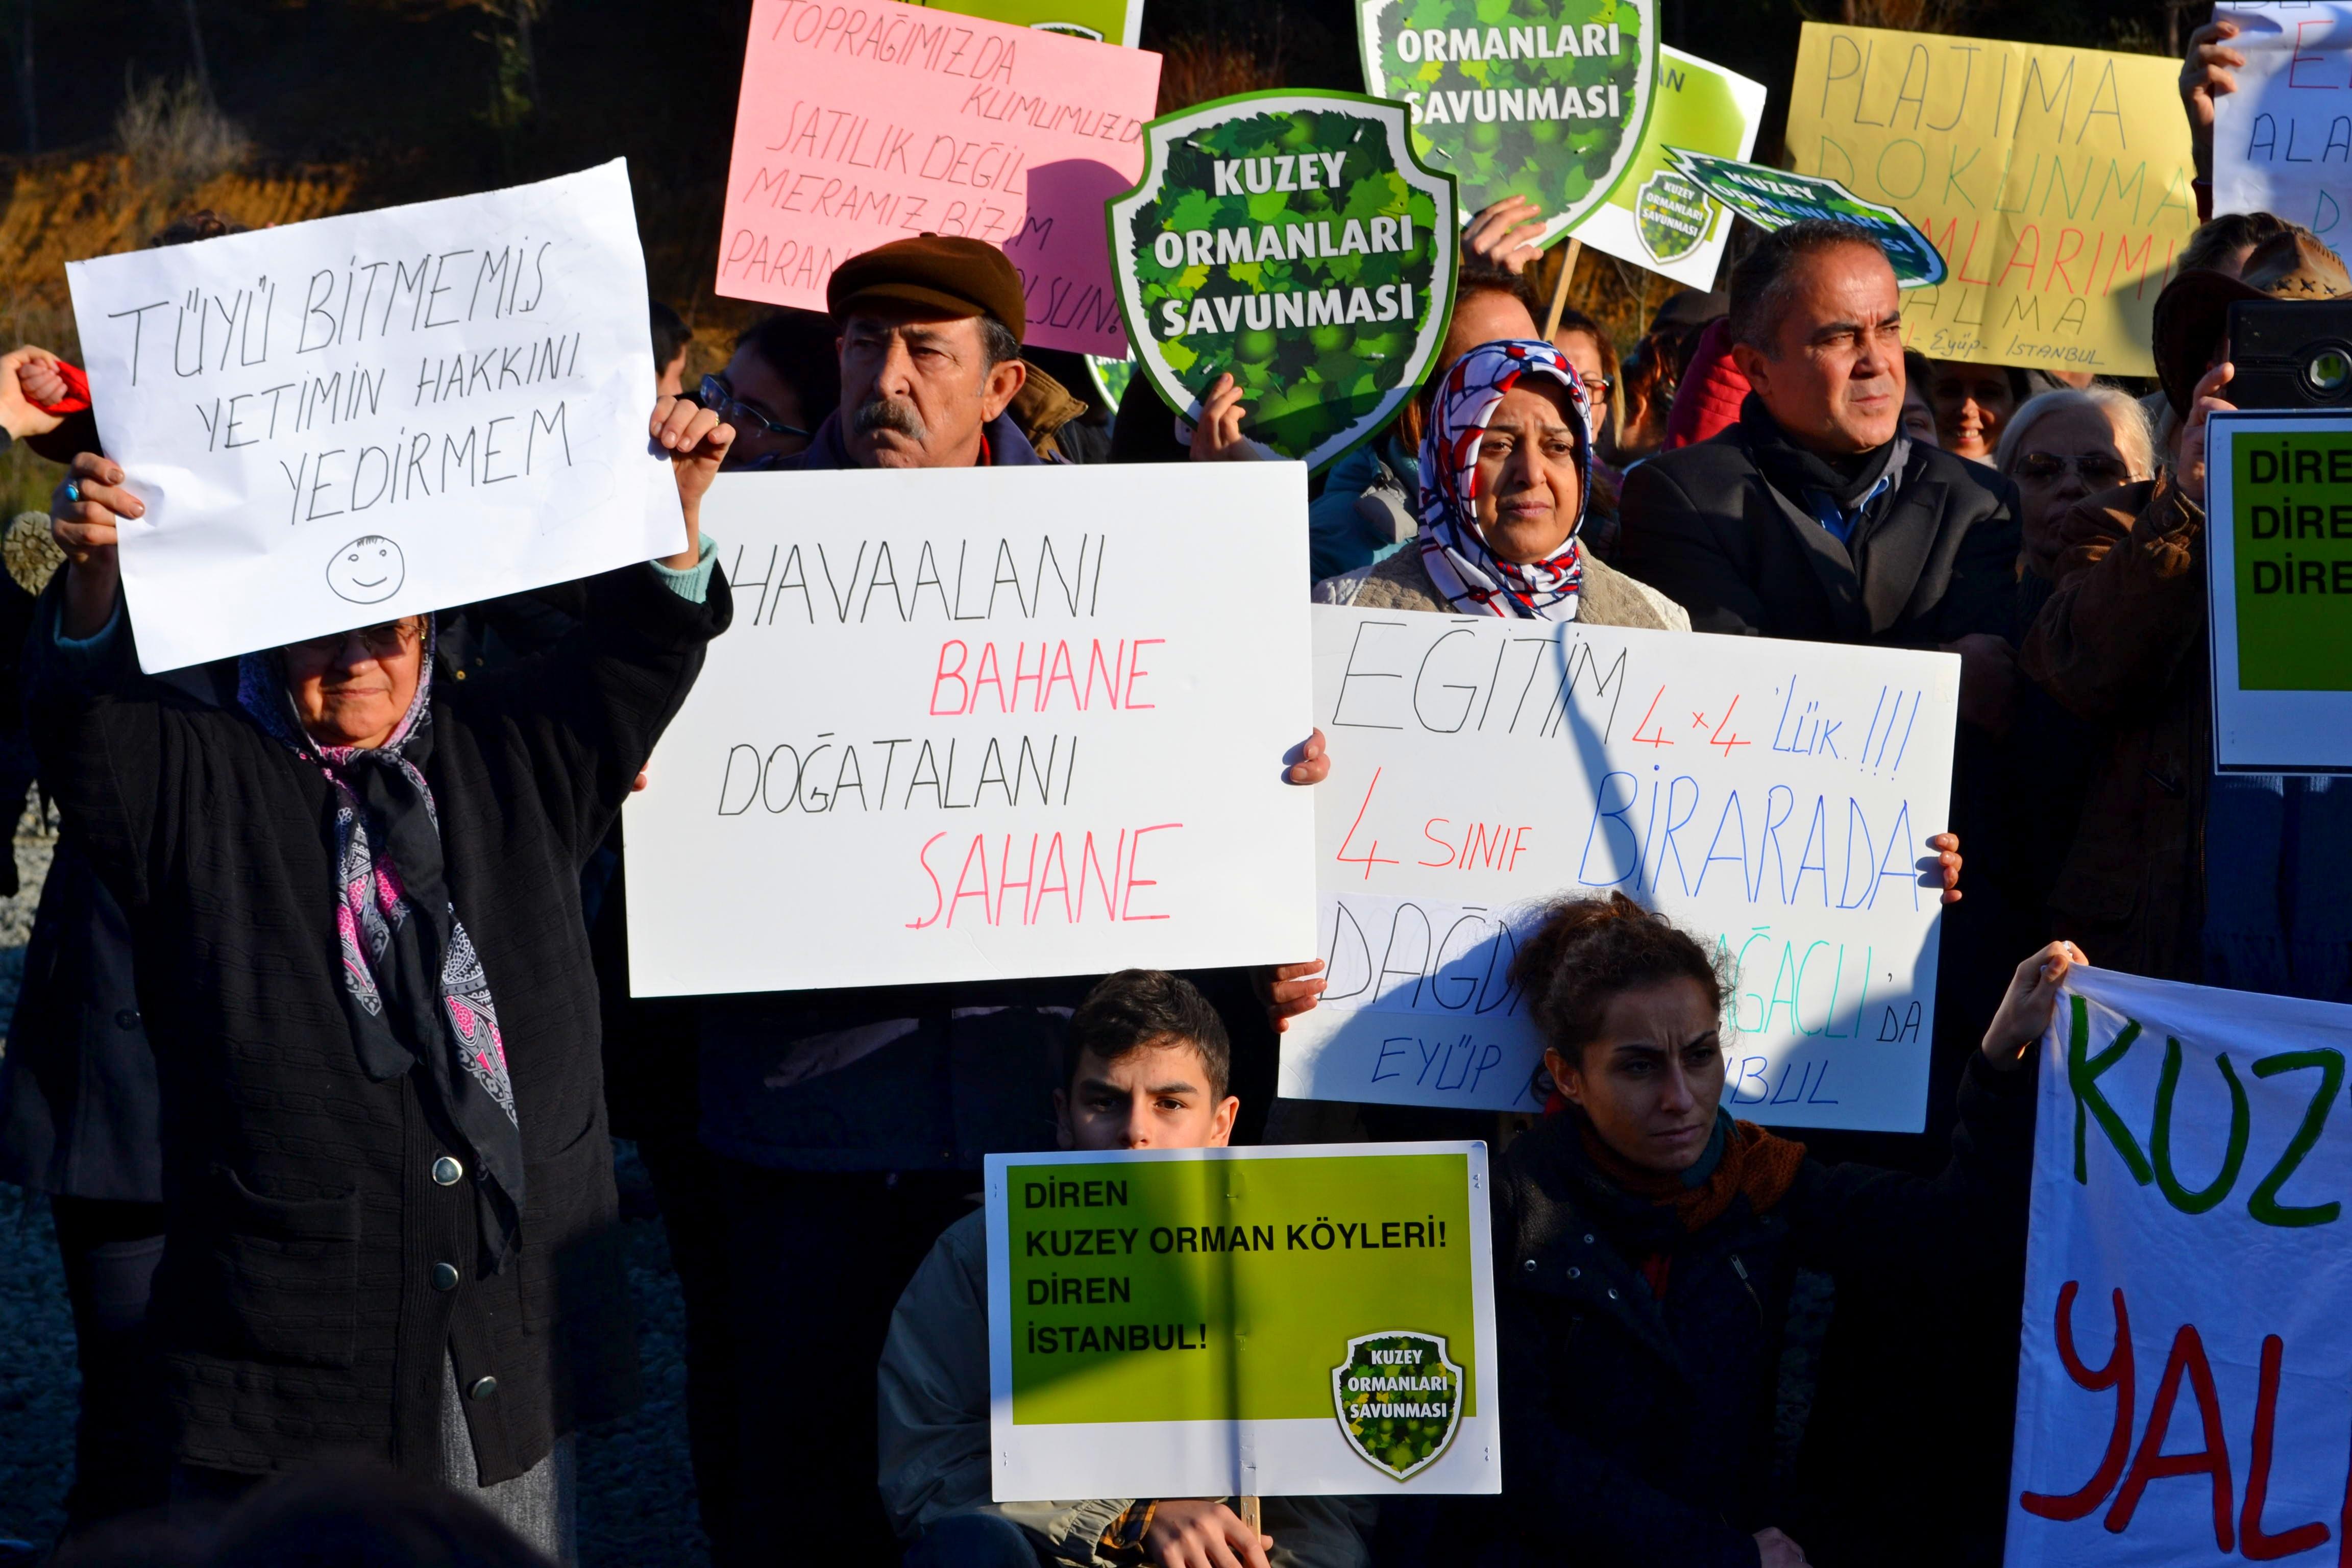 """""""Ağaçlı'da Direnen İstanbul'da Kazanır!"""" 14 Aralık Ağaçlı Eylemi'nin ardından"""